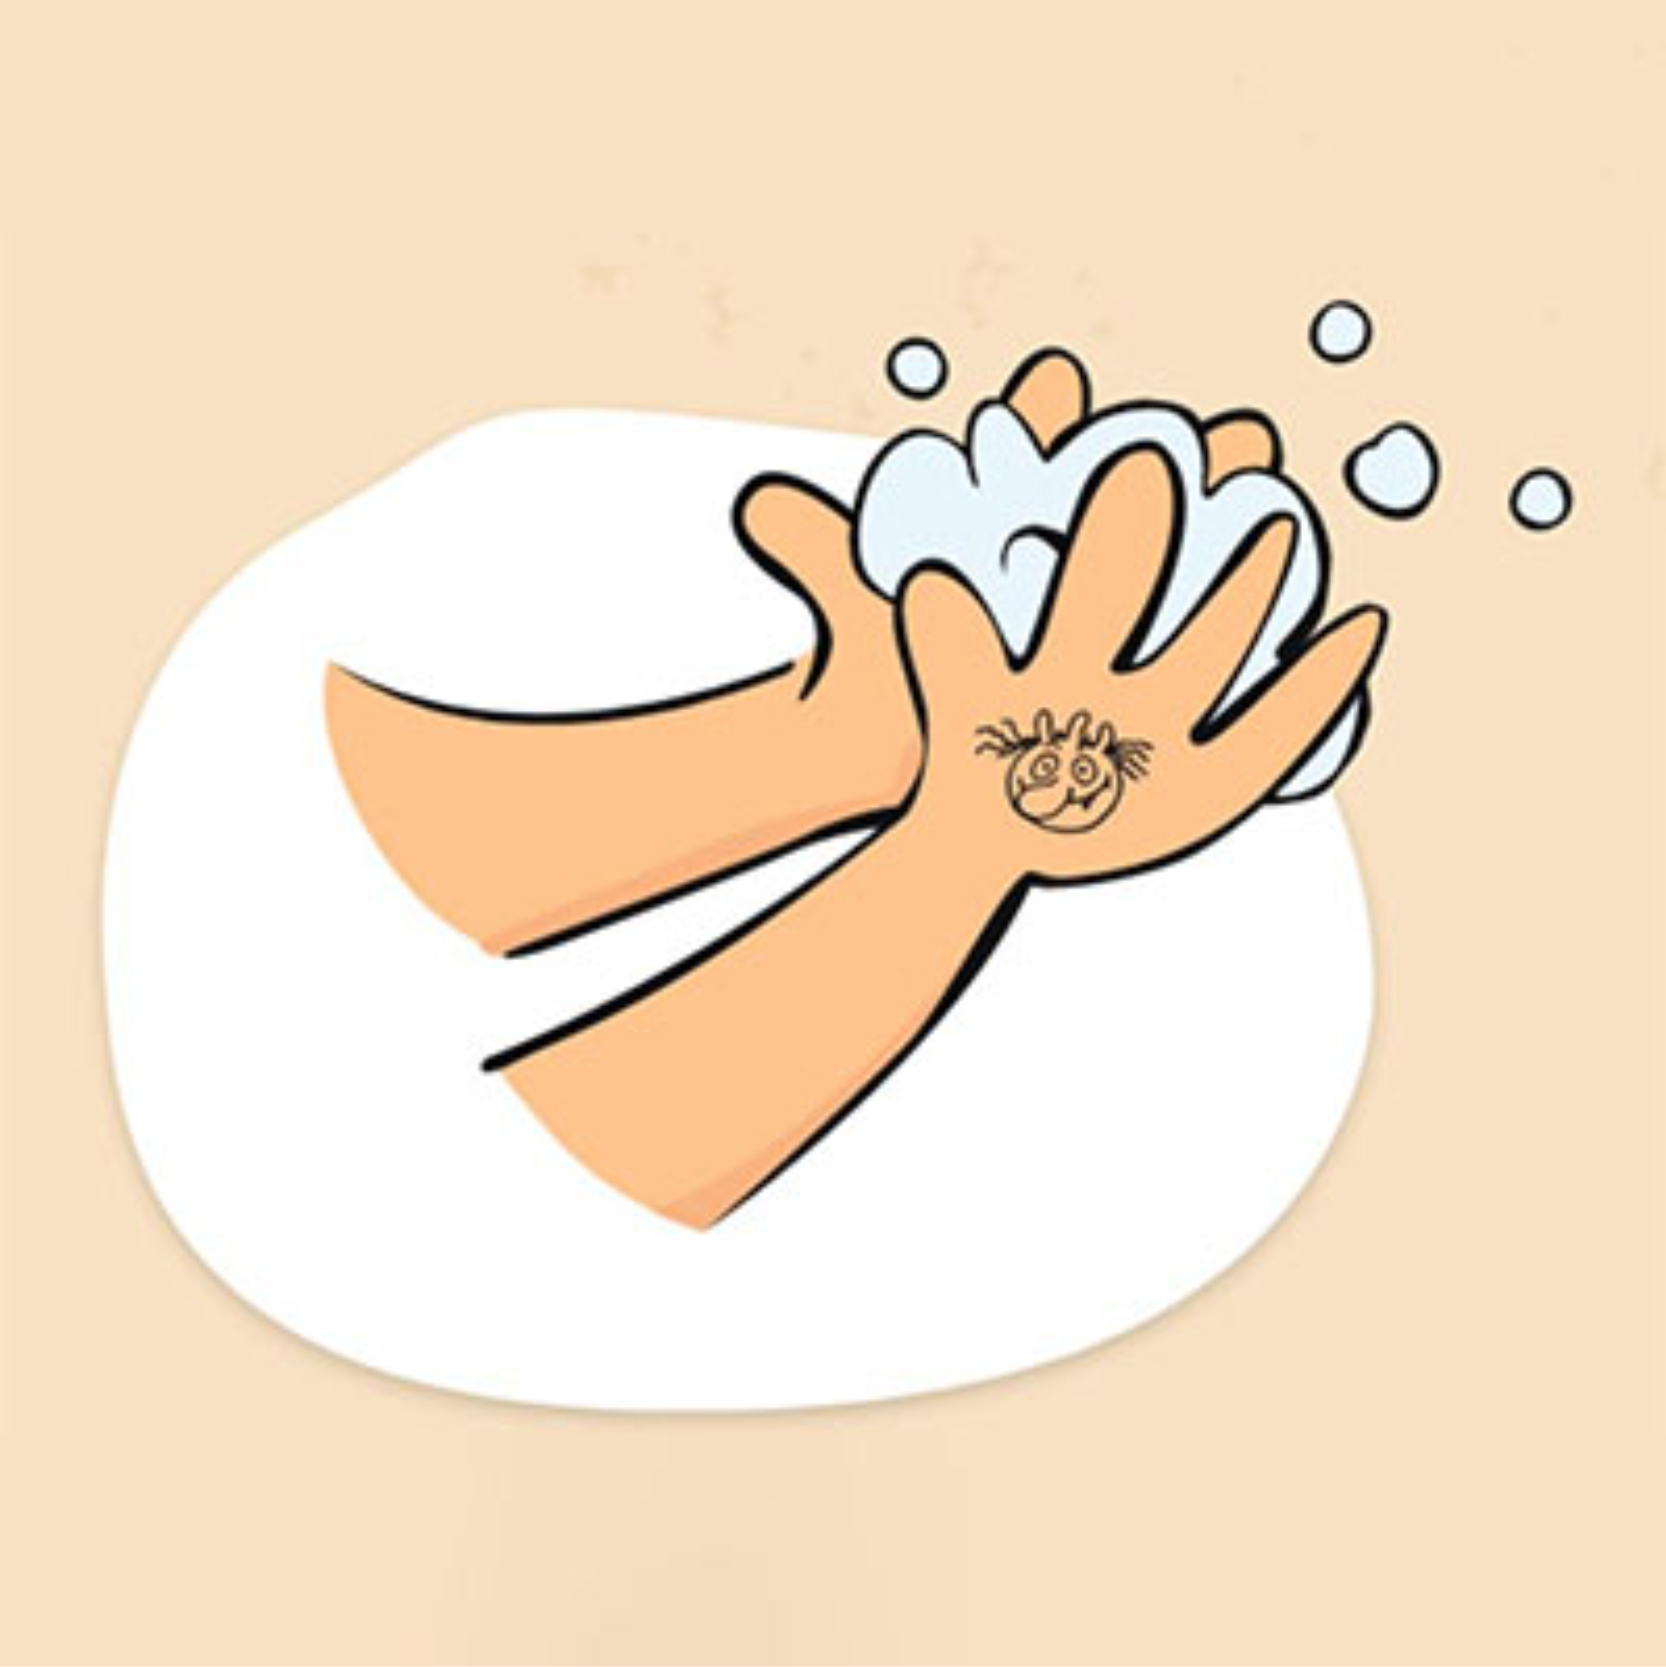 Morgens wird der Olchi auf die Hand gestempelt. Im Laufe des Tages werden die Hände gründlich gewaschen bis der Olchi verschwunden ist.